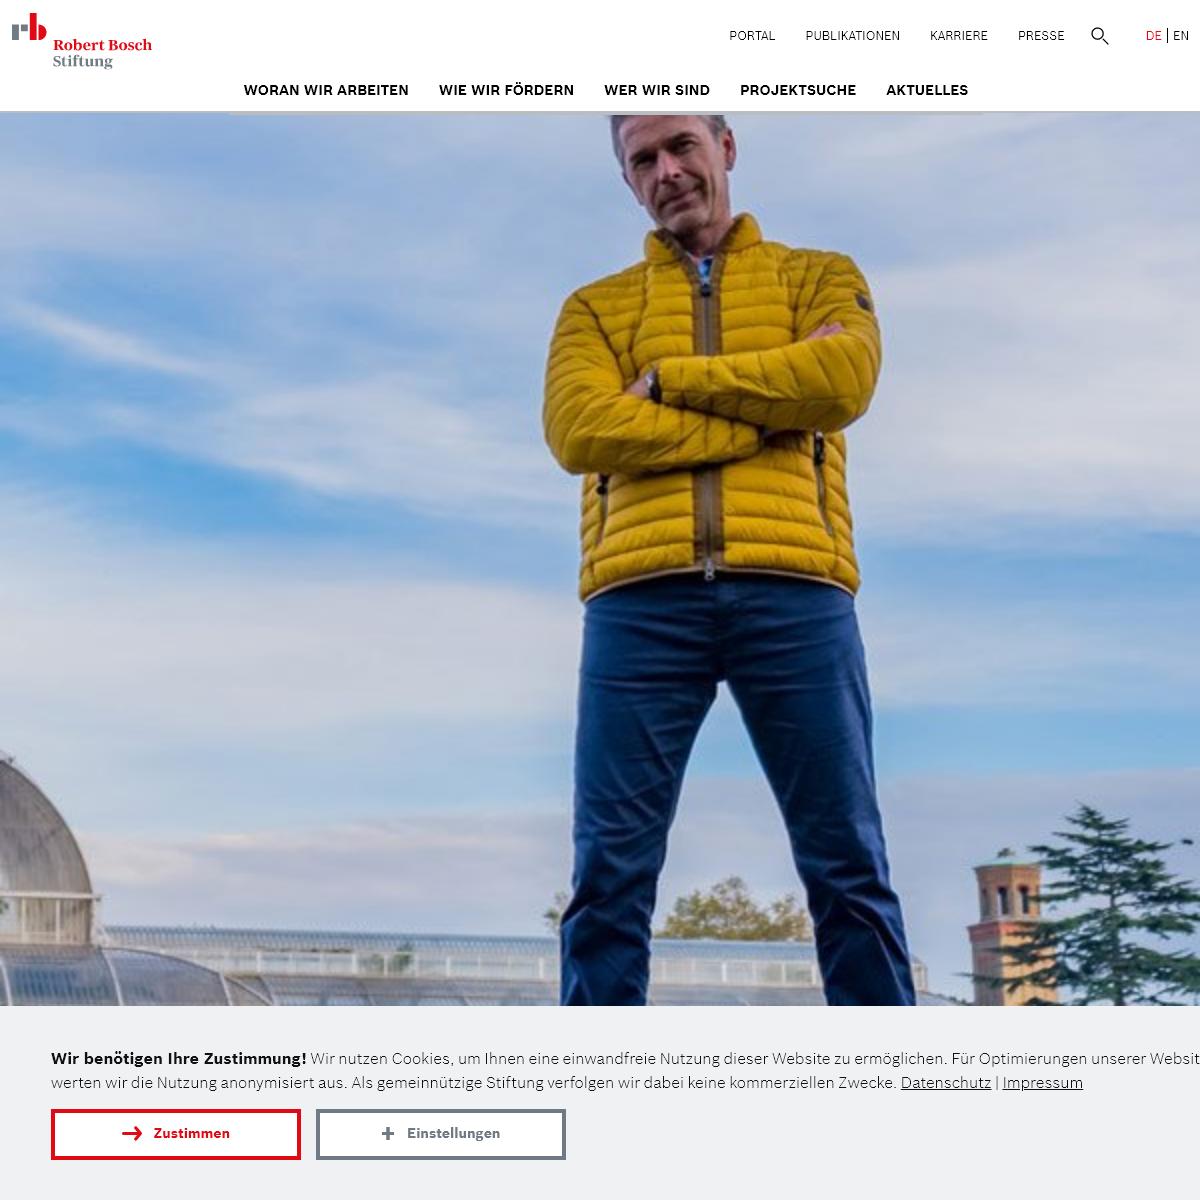 Startseite - Robert Bosch Stiftung